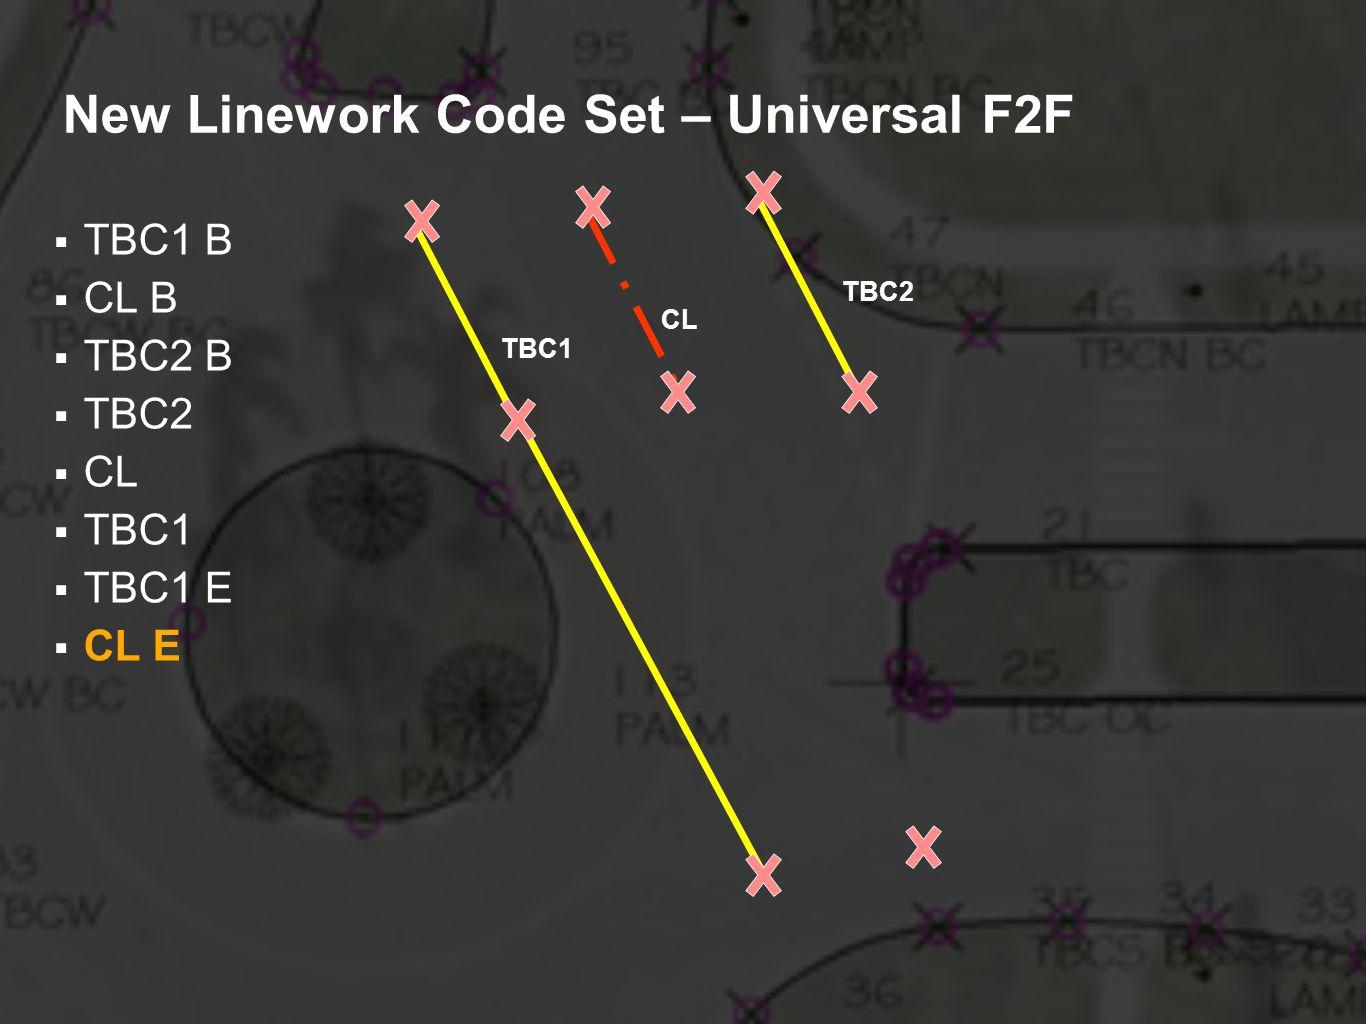 New Linework Code Set – Universal F2F TBC1 B CL B TBC2 B TBC2 CL TBC1 TBC1 E CL E TBC2 CL TBC1